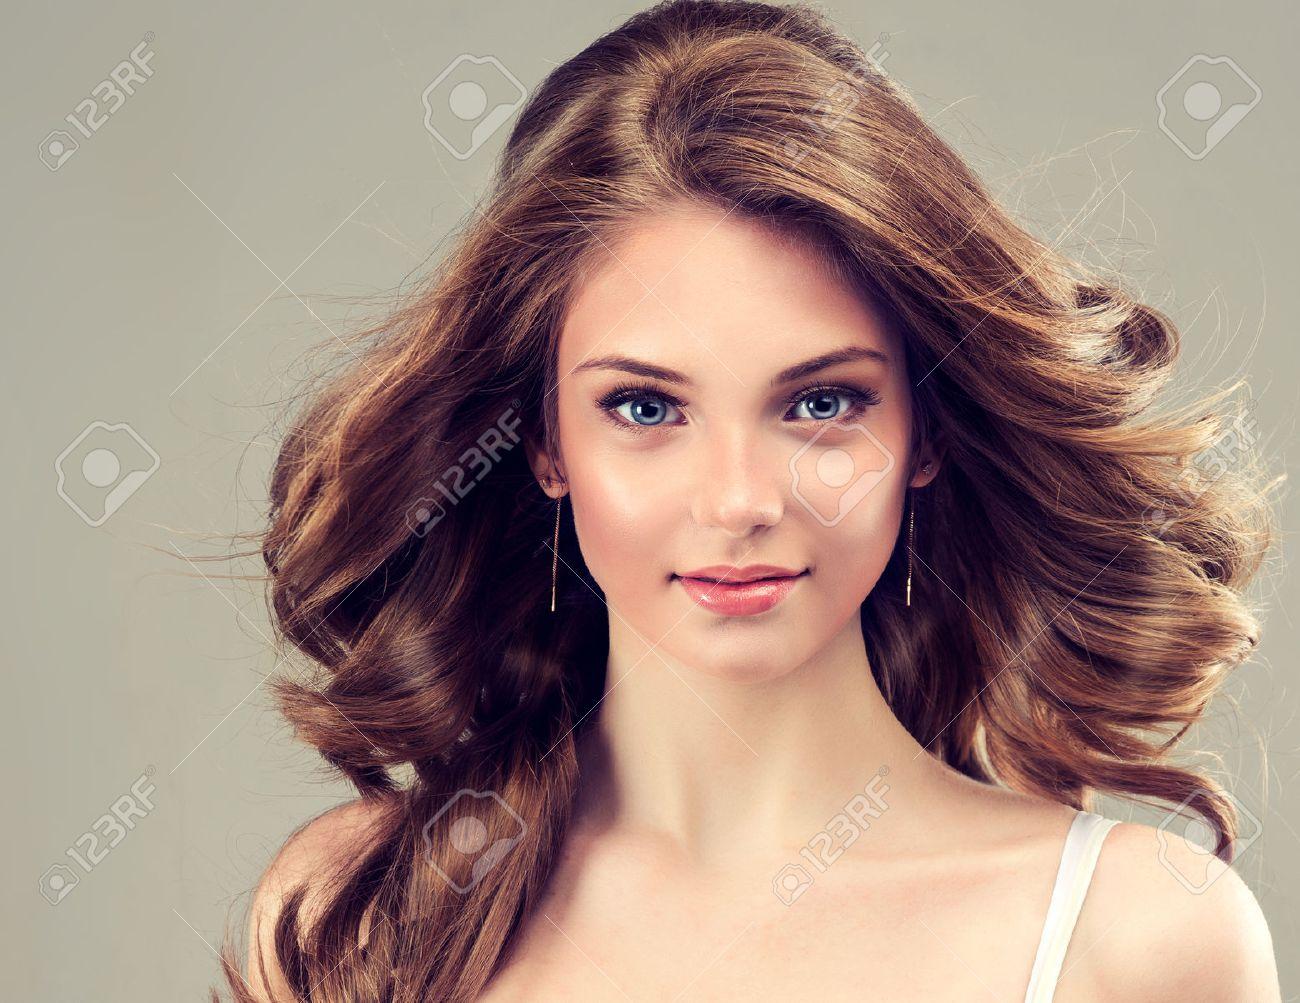 Lächeln Schönes Mädchen Braune Haare Mit Einem Eleganten Frisur